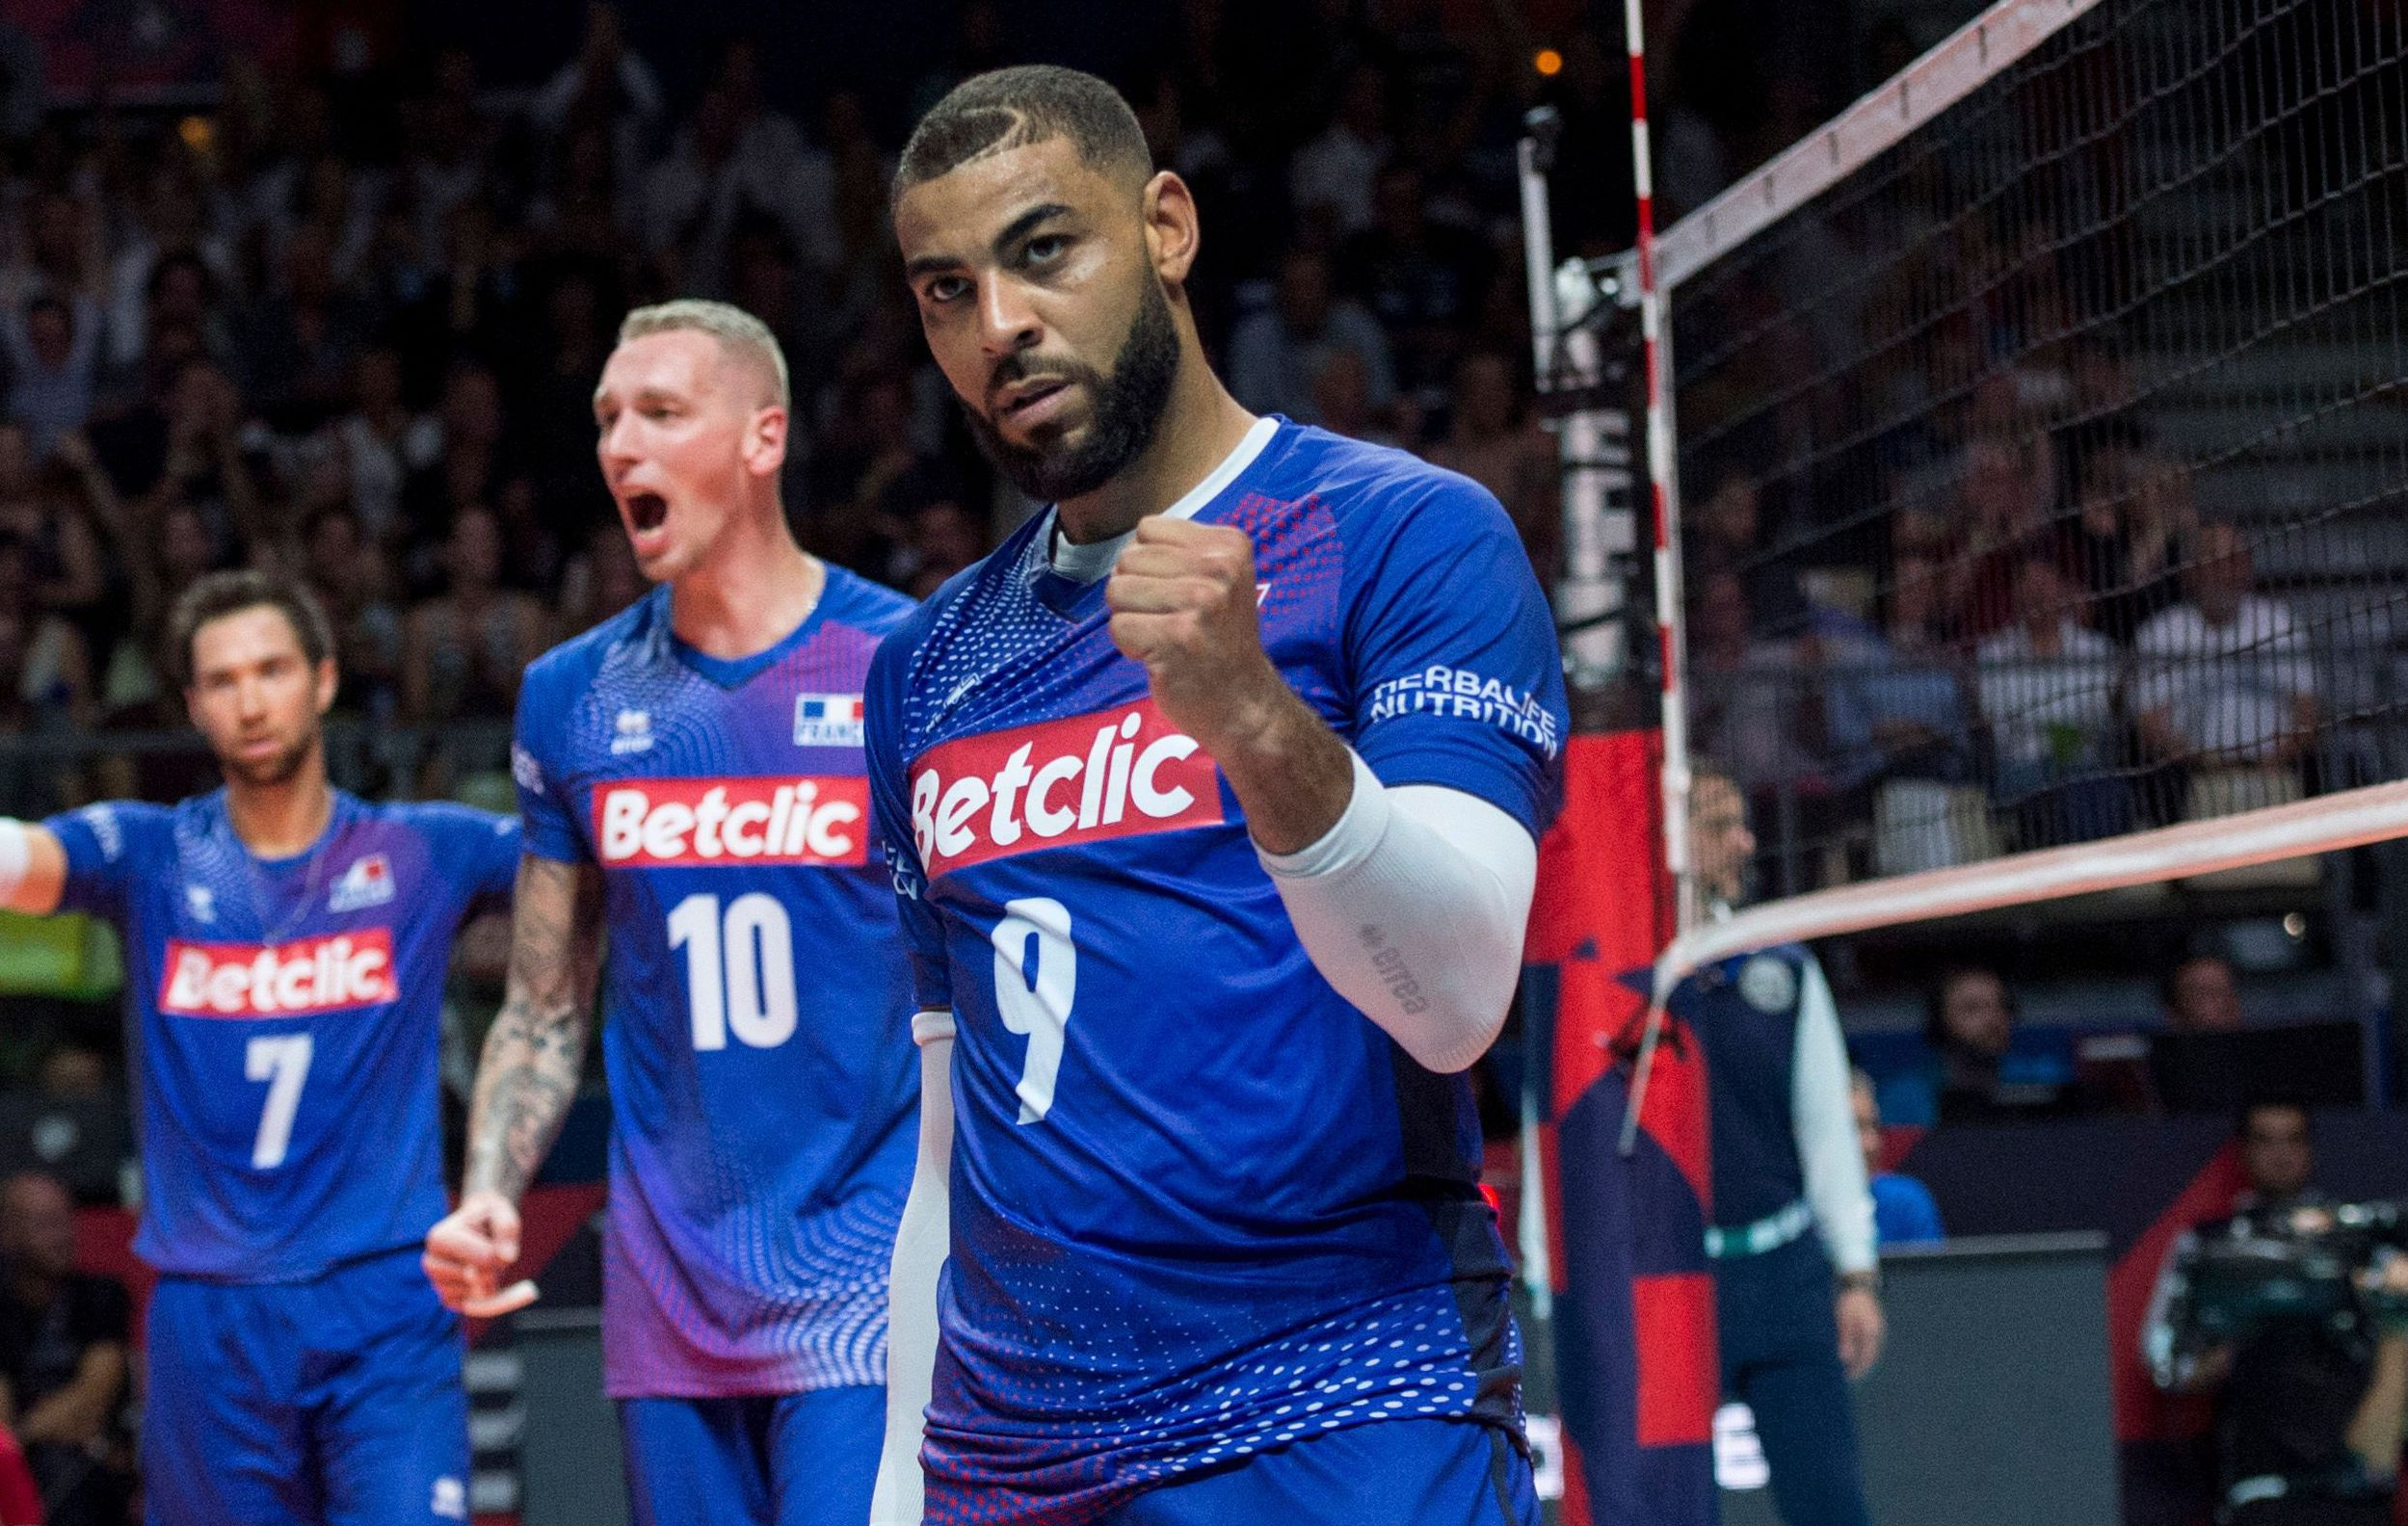 Volley - Equipe de France - Euro 2019 de volley : Earvin Ngapeth arrive à point nommé